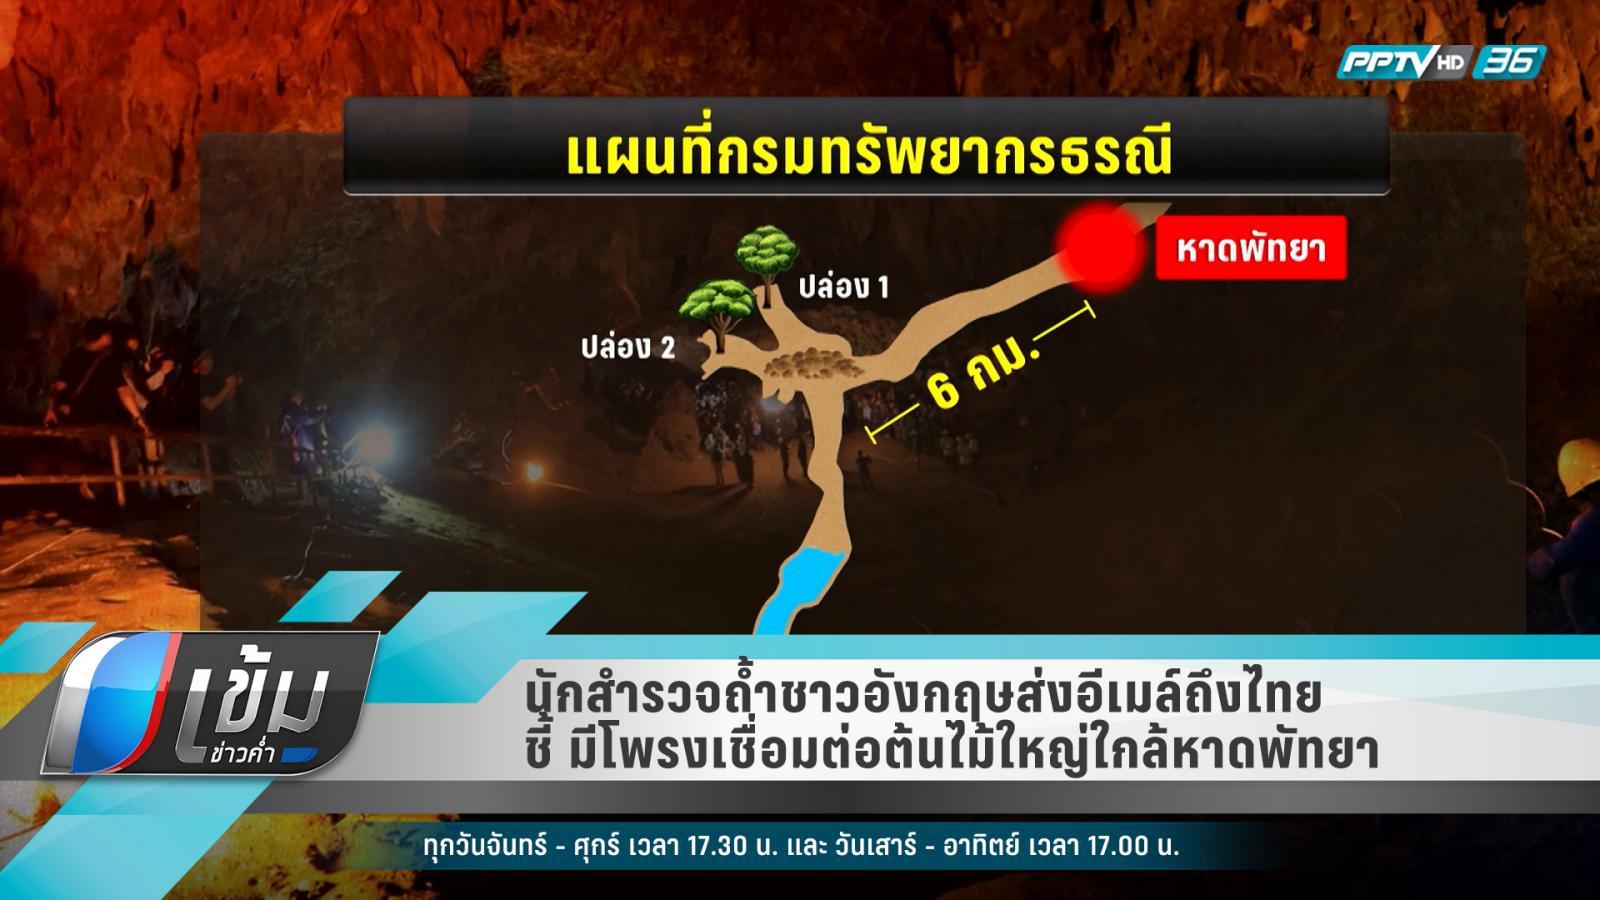 """""""นักสำรวจถ้ำชาวอังกฤษ"""" ส่งอีเมล์ถึงไทย ชี้ มีโพรงเชื่อมต่อต้นไม้ใหญ่ใกล้หาดพัทยา"""